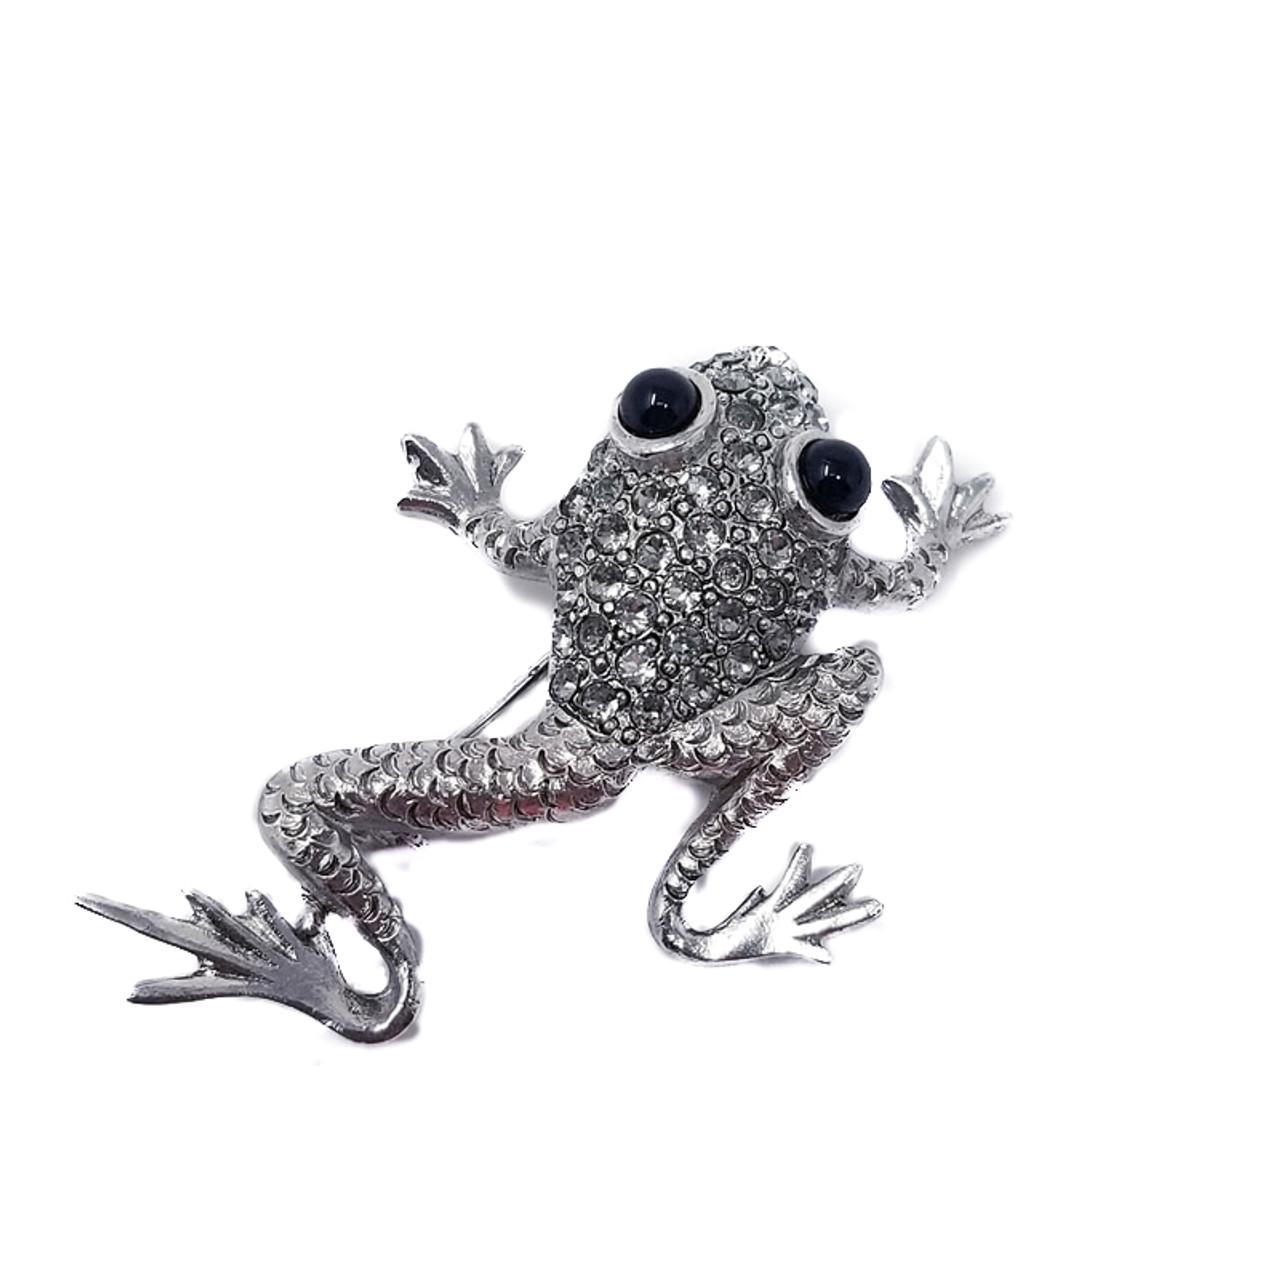 45aed76faef Oscar de la Renta Pave Swarovski Crystal Frog Brooch Pin - Vintage Loft